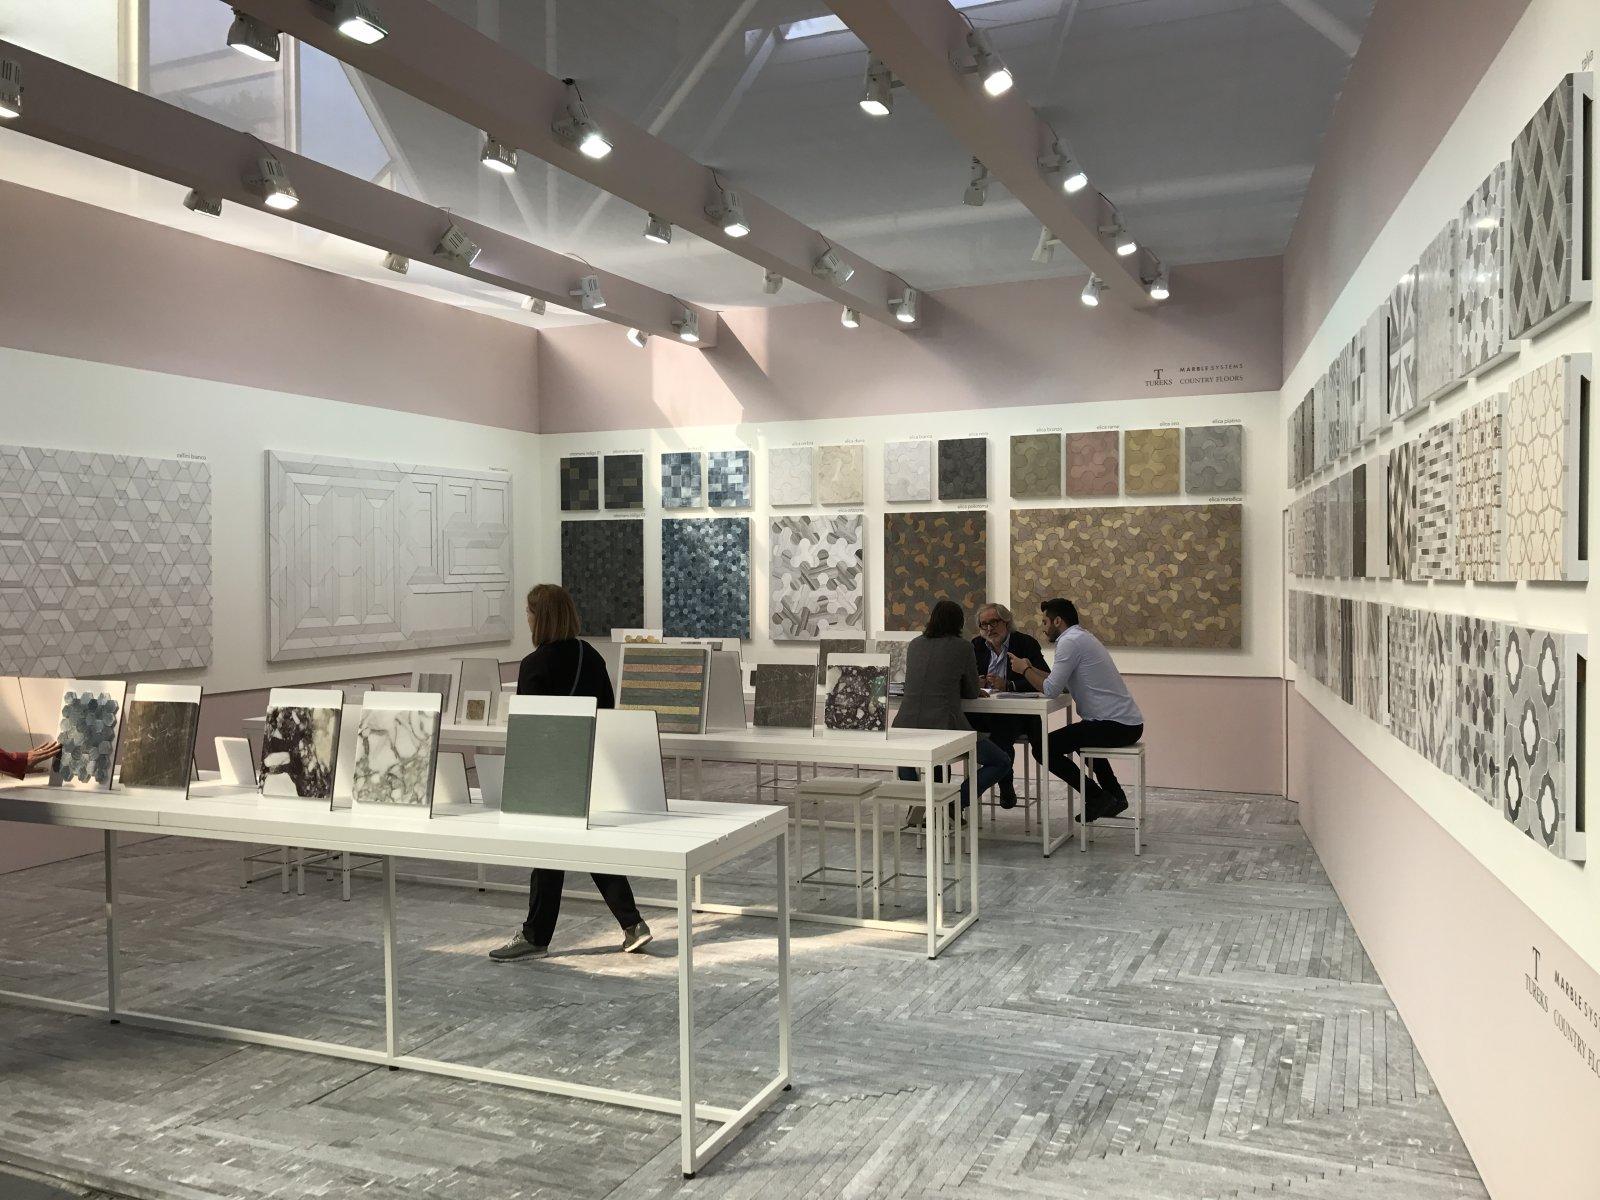 cersaie bilder news1 raum in form innenarchitektur architektur heppenheim. Black Bedroom Furniture Sets. Home Design Ideas